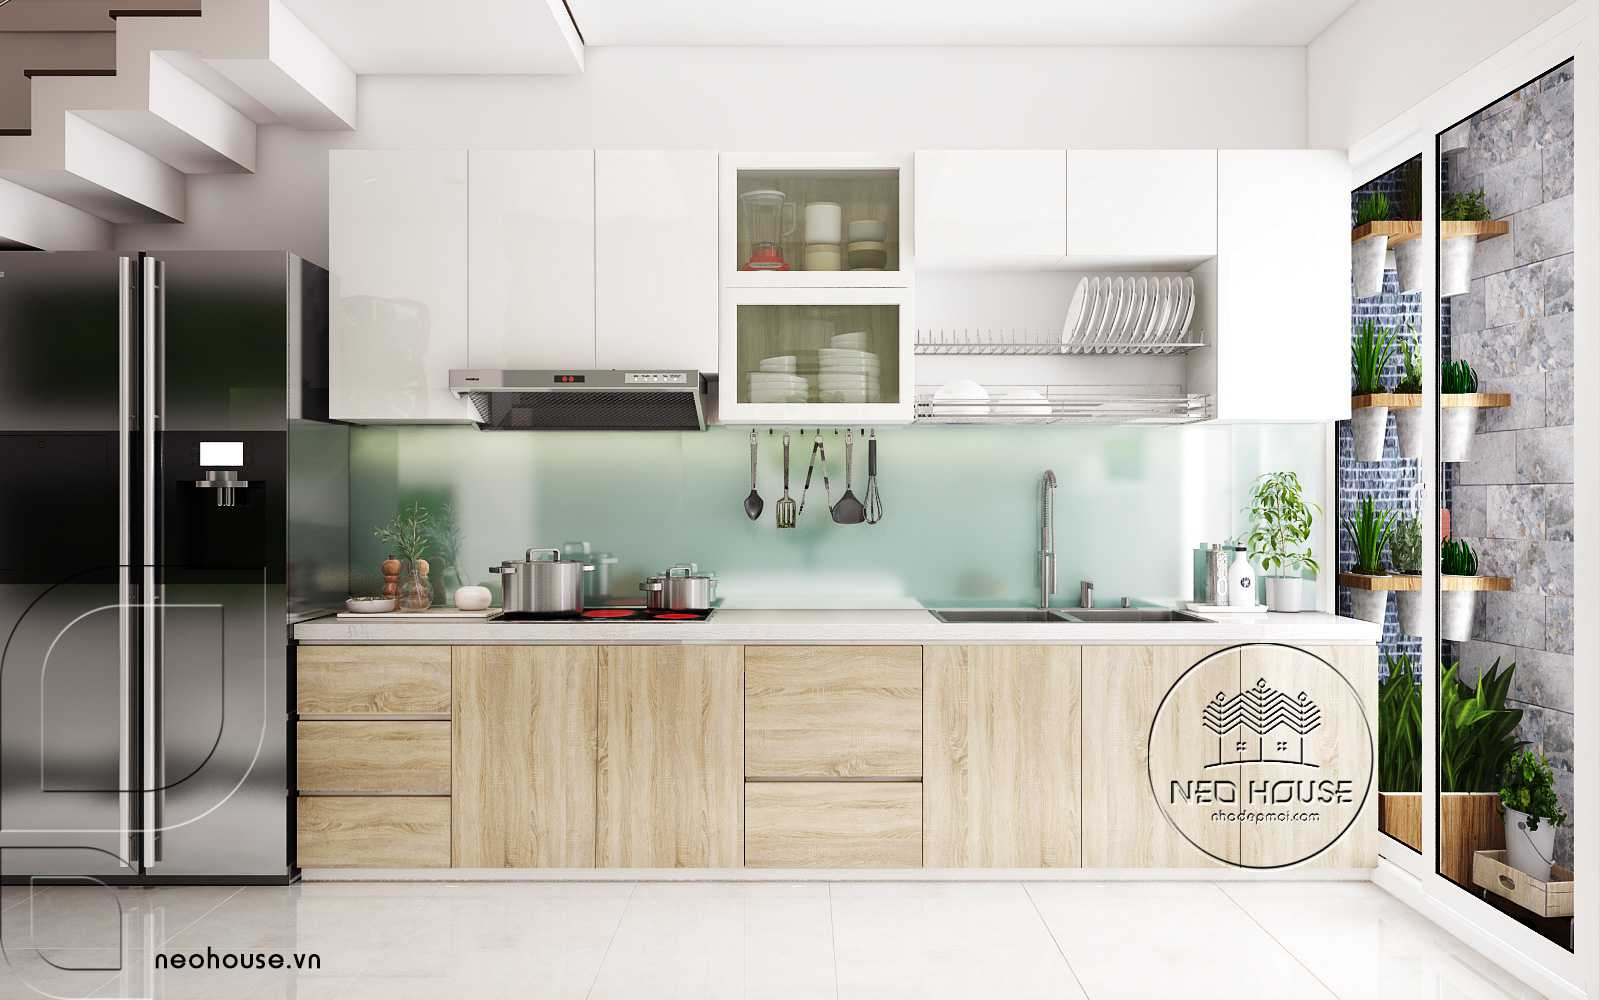 trang trí nhà bếp nhỏ đẹp